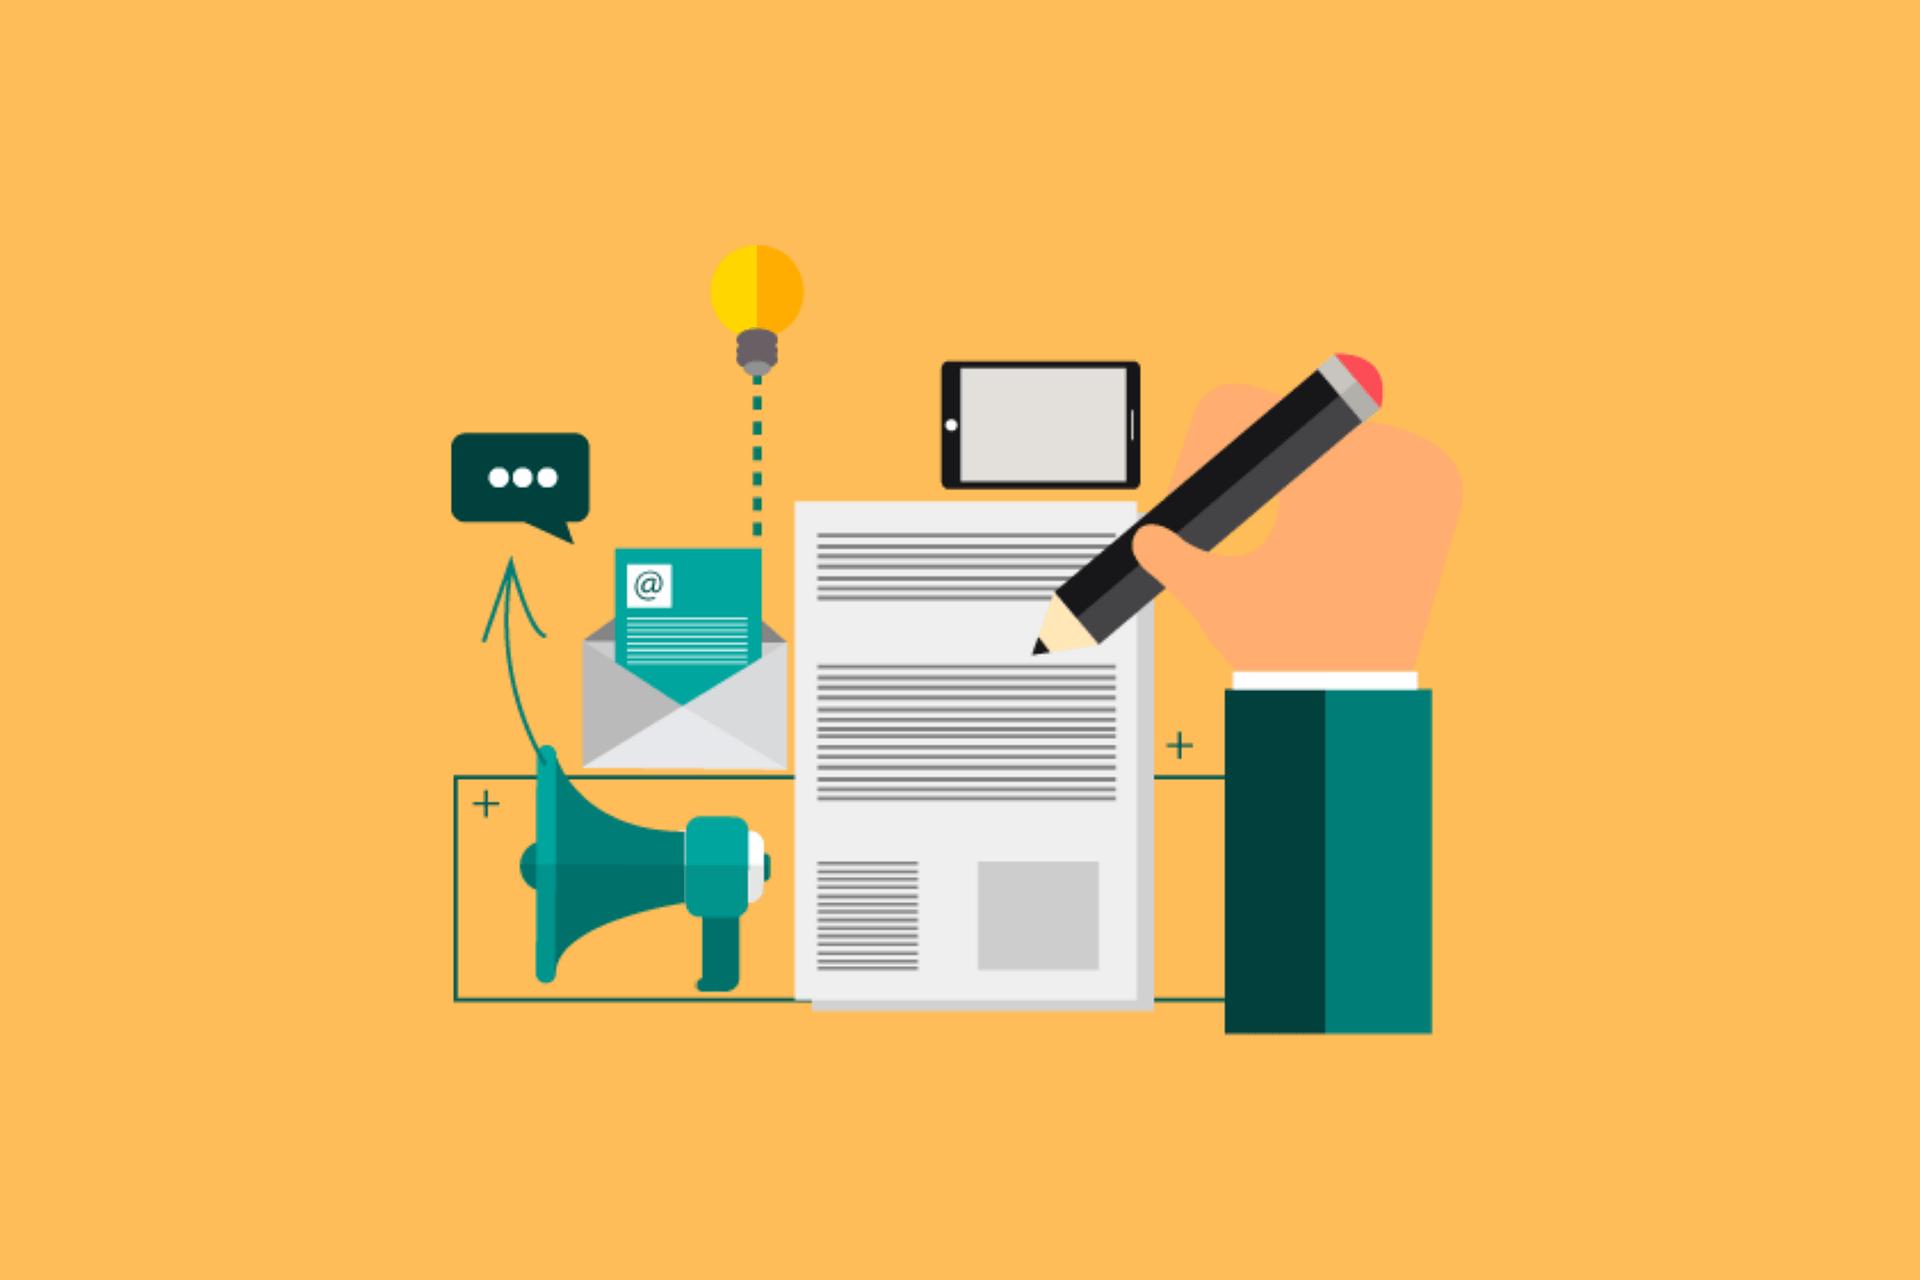 long-form vs short-form content visual